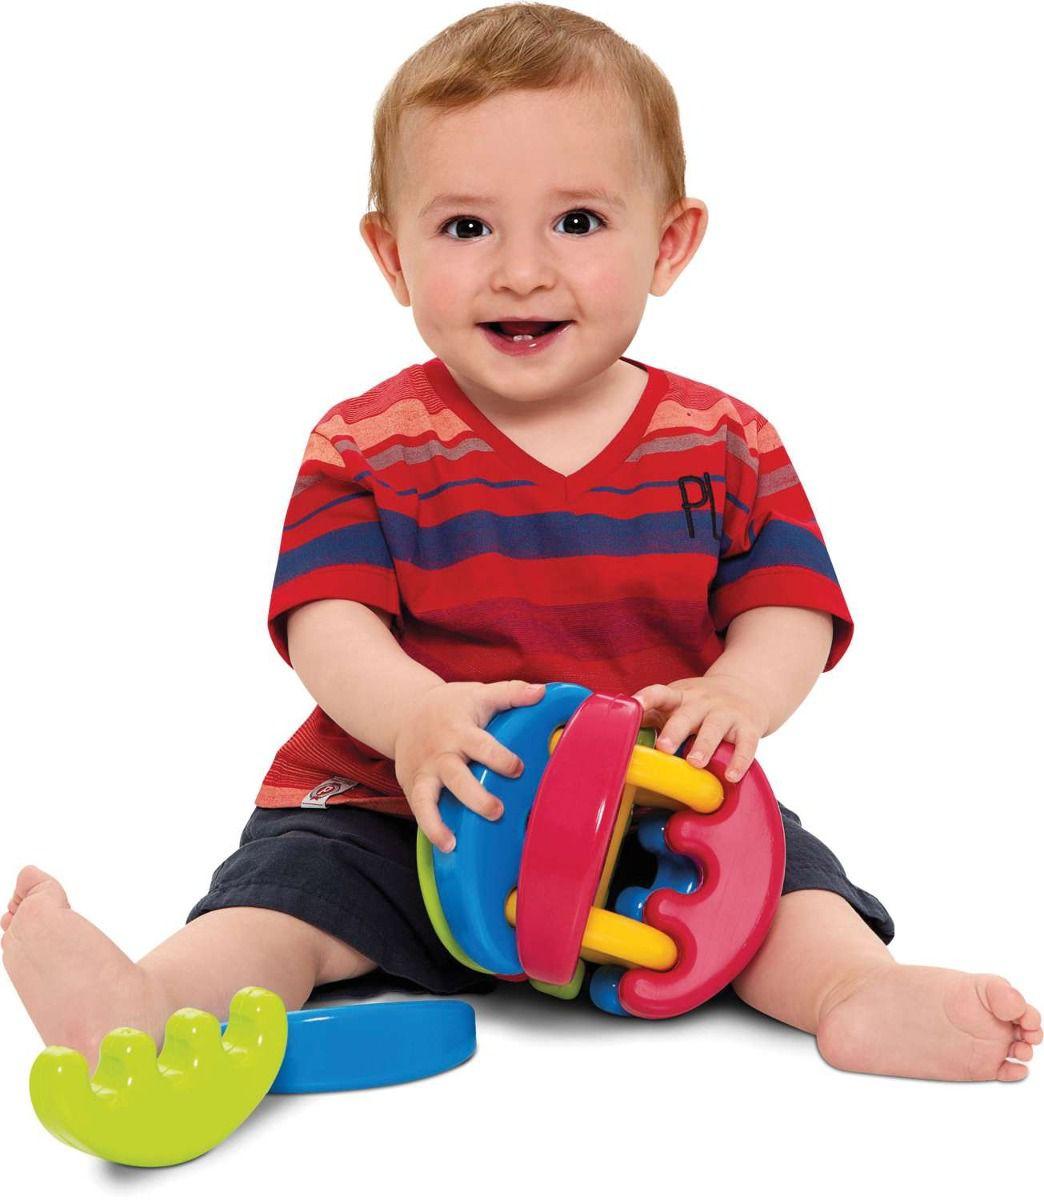 Brinquedo para Bebe Baby Gomos Sortidos Merco Toys